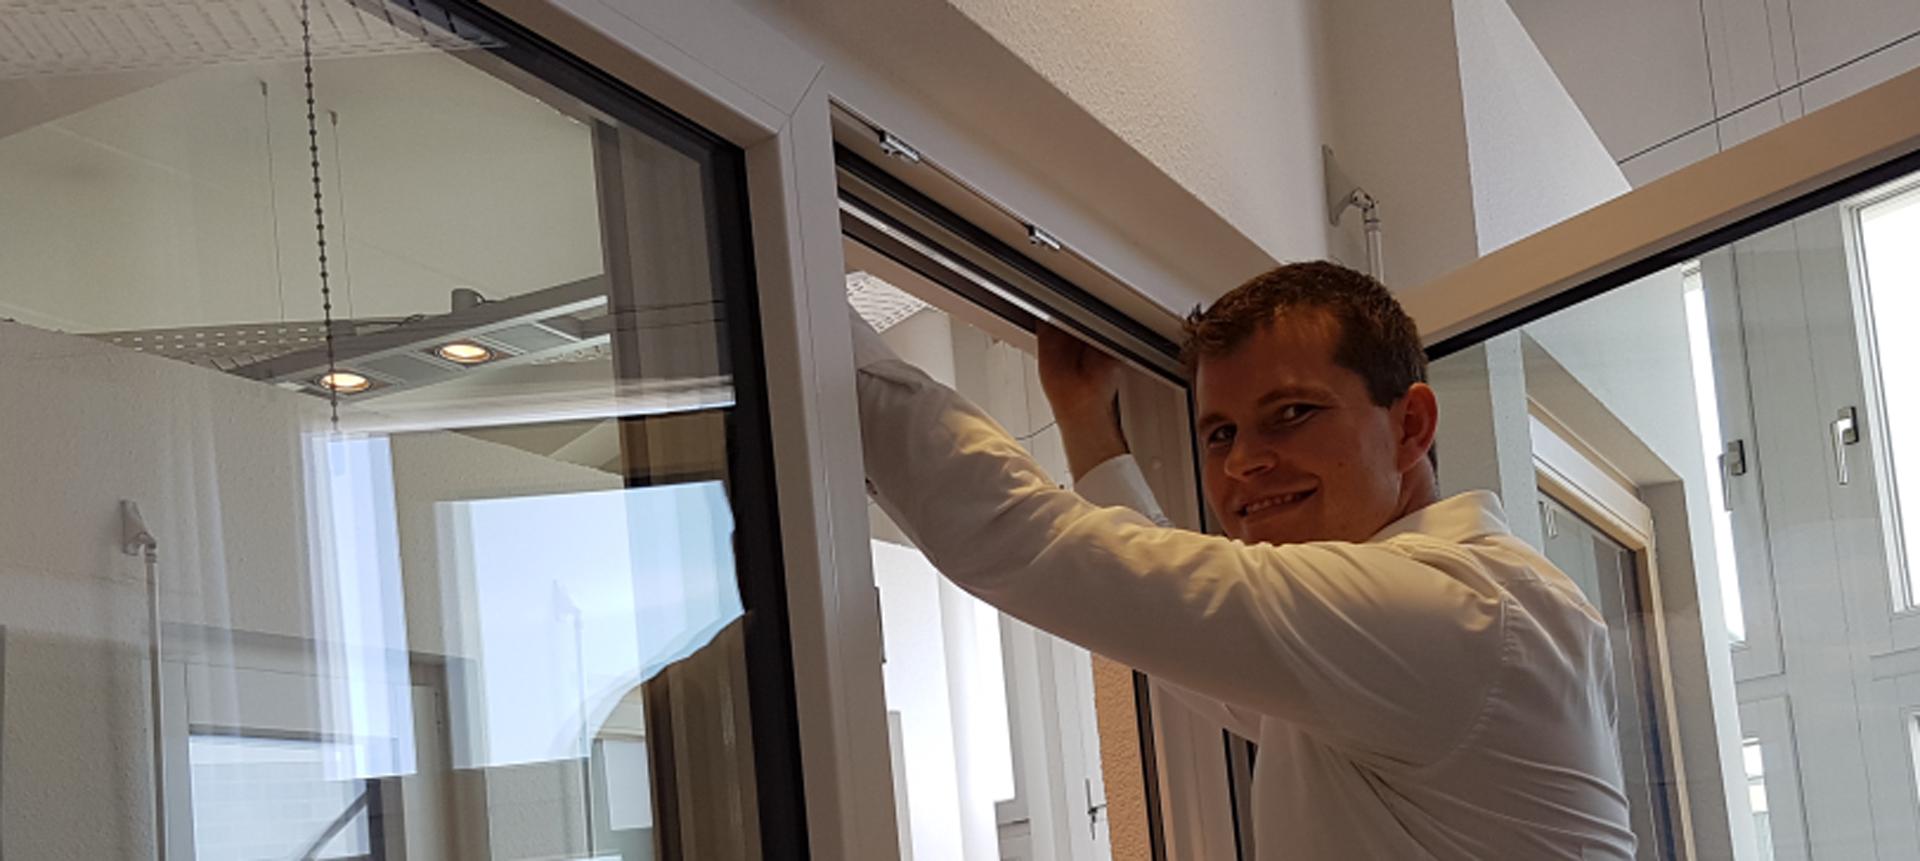 Full Size of Rollladengetriebe Austauschen Fenster Rc3 Folie Putzen Roro Reinigen Dampfreiniger Einbruchschutz Sicherheitsfolie Kbe Sonnenschutz Veka Fenster Fenster Austauschen